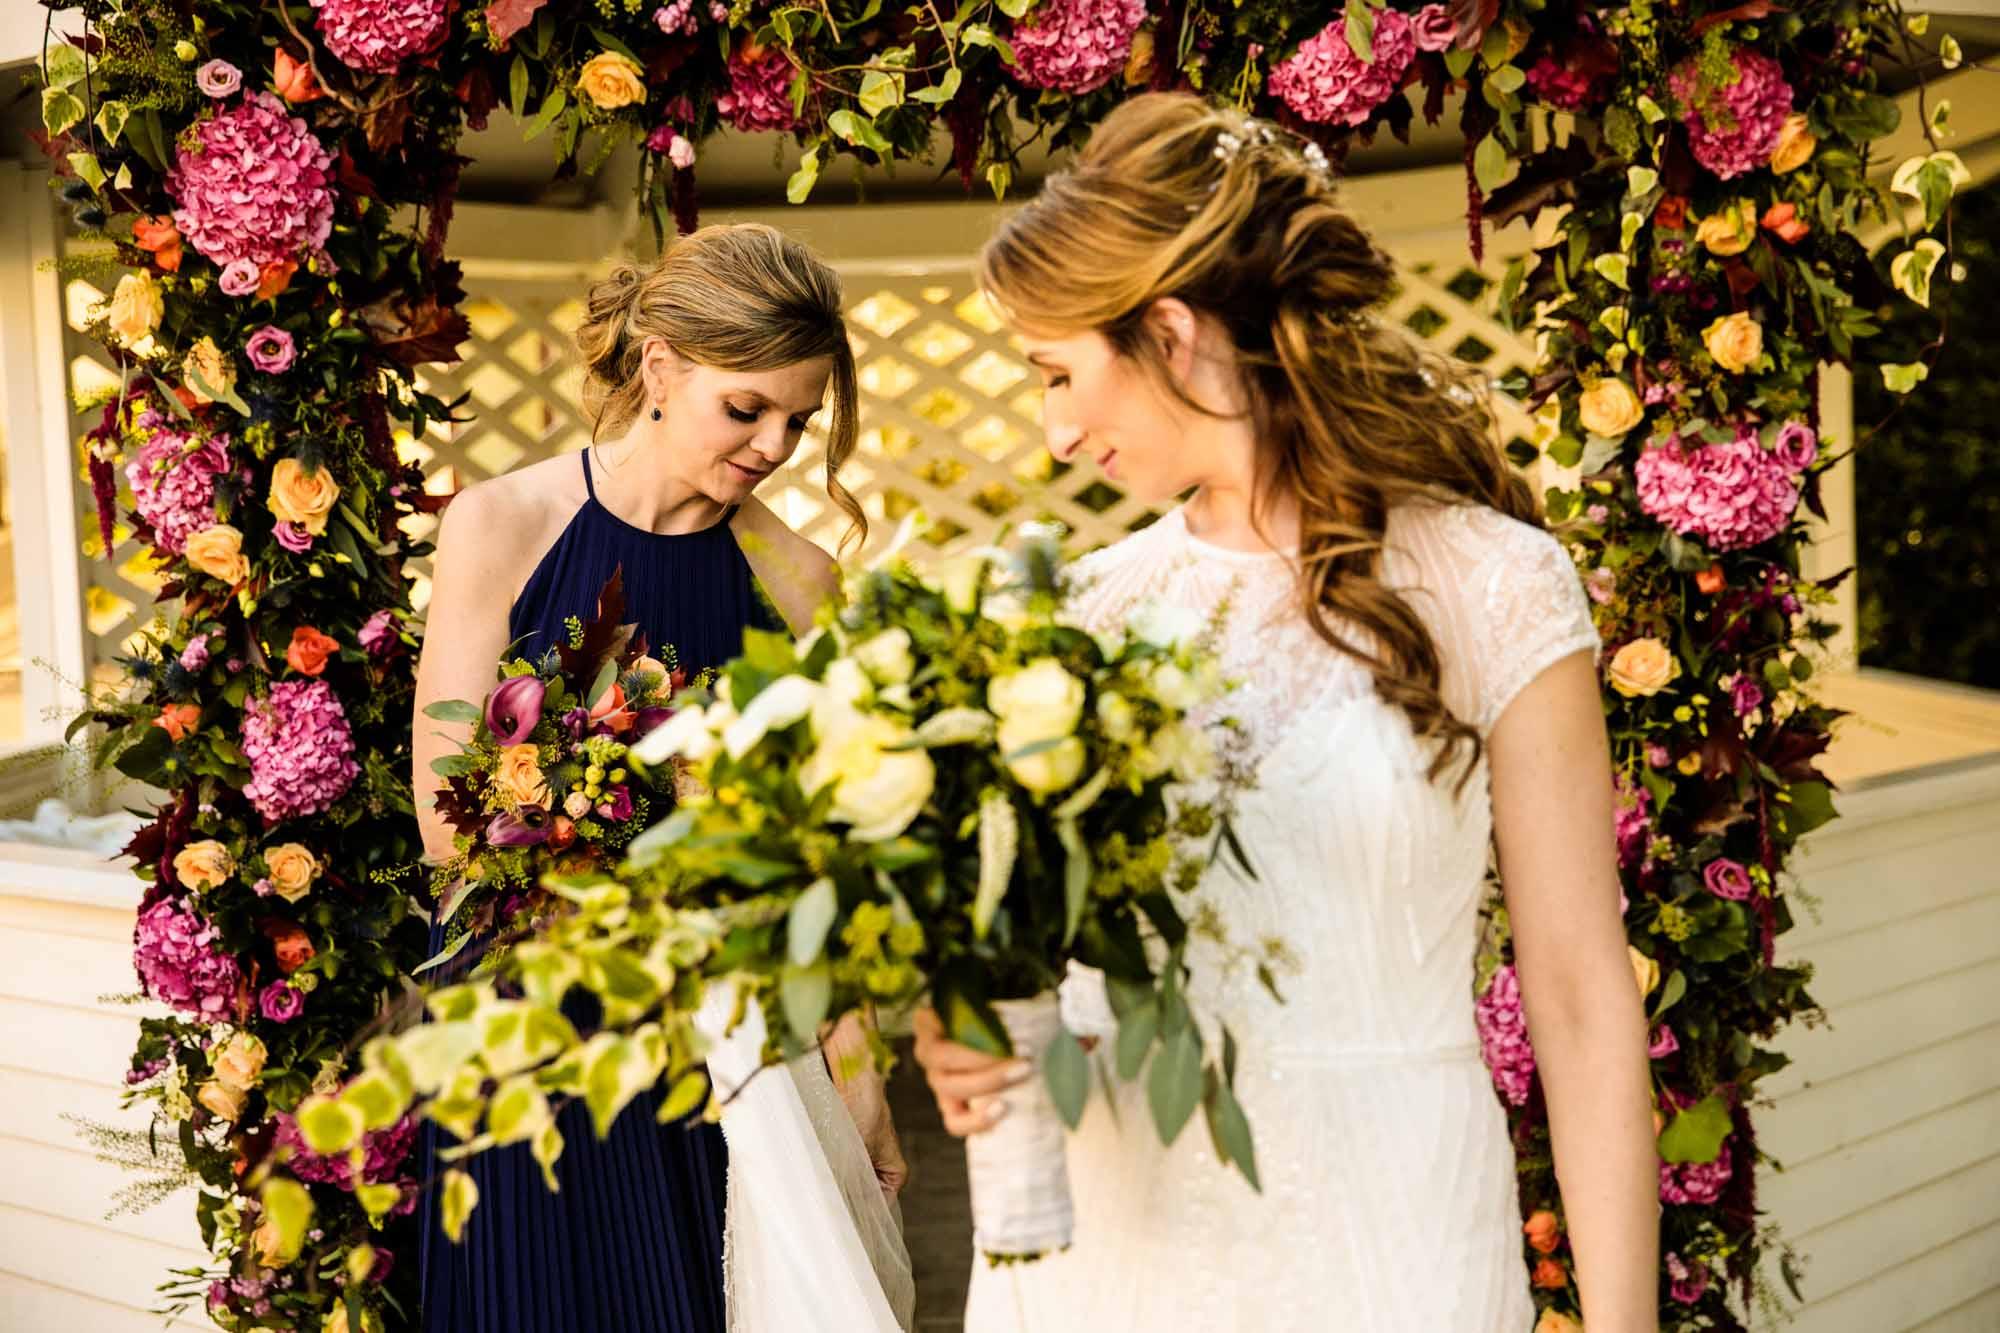 Stylish Wedding Photographs